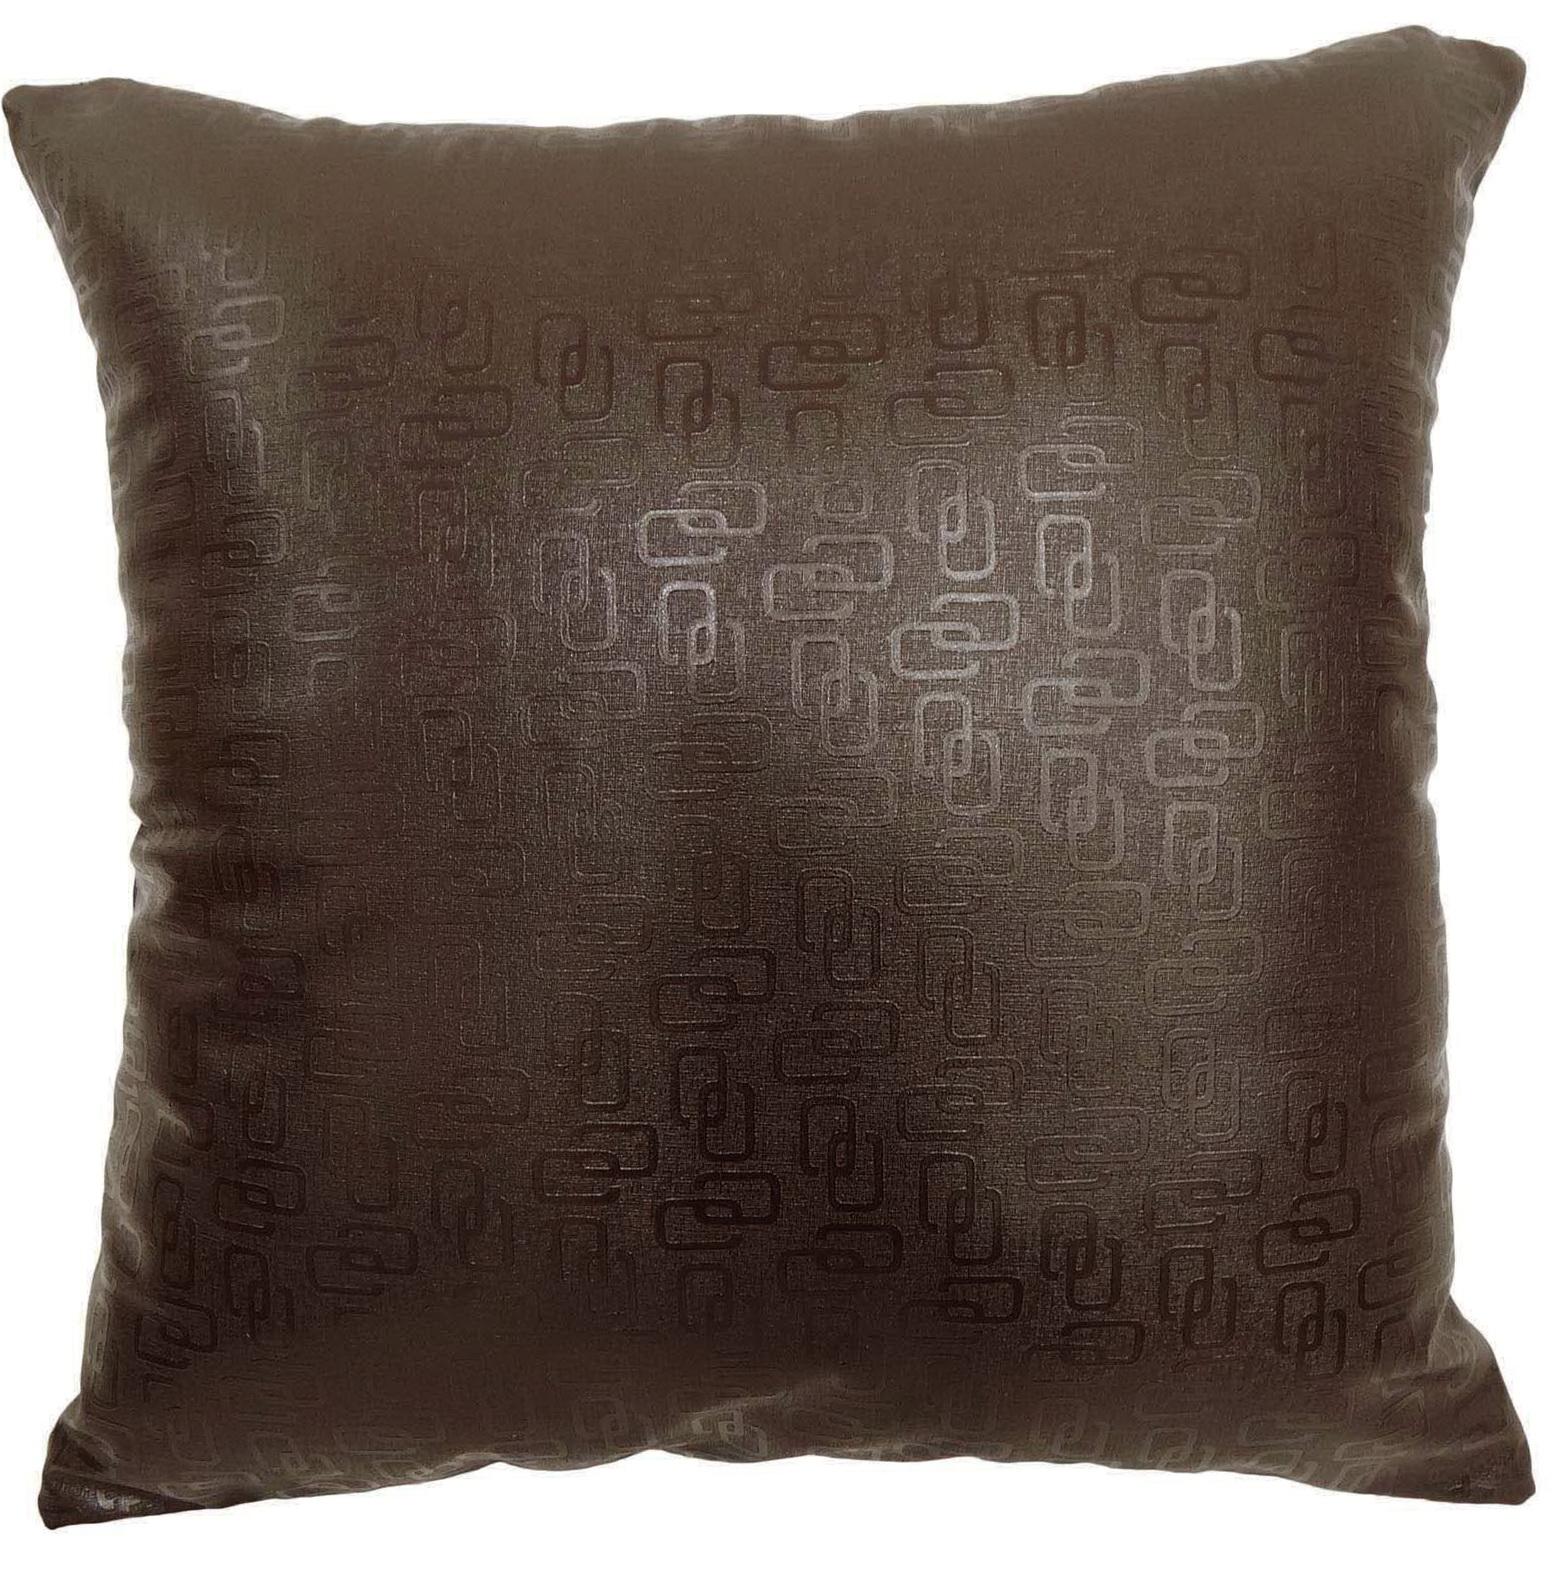 Leather Cushion Covers Australia